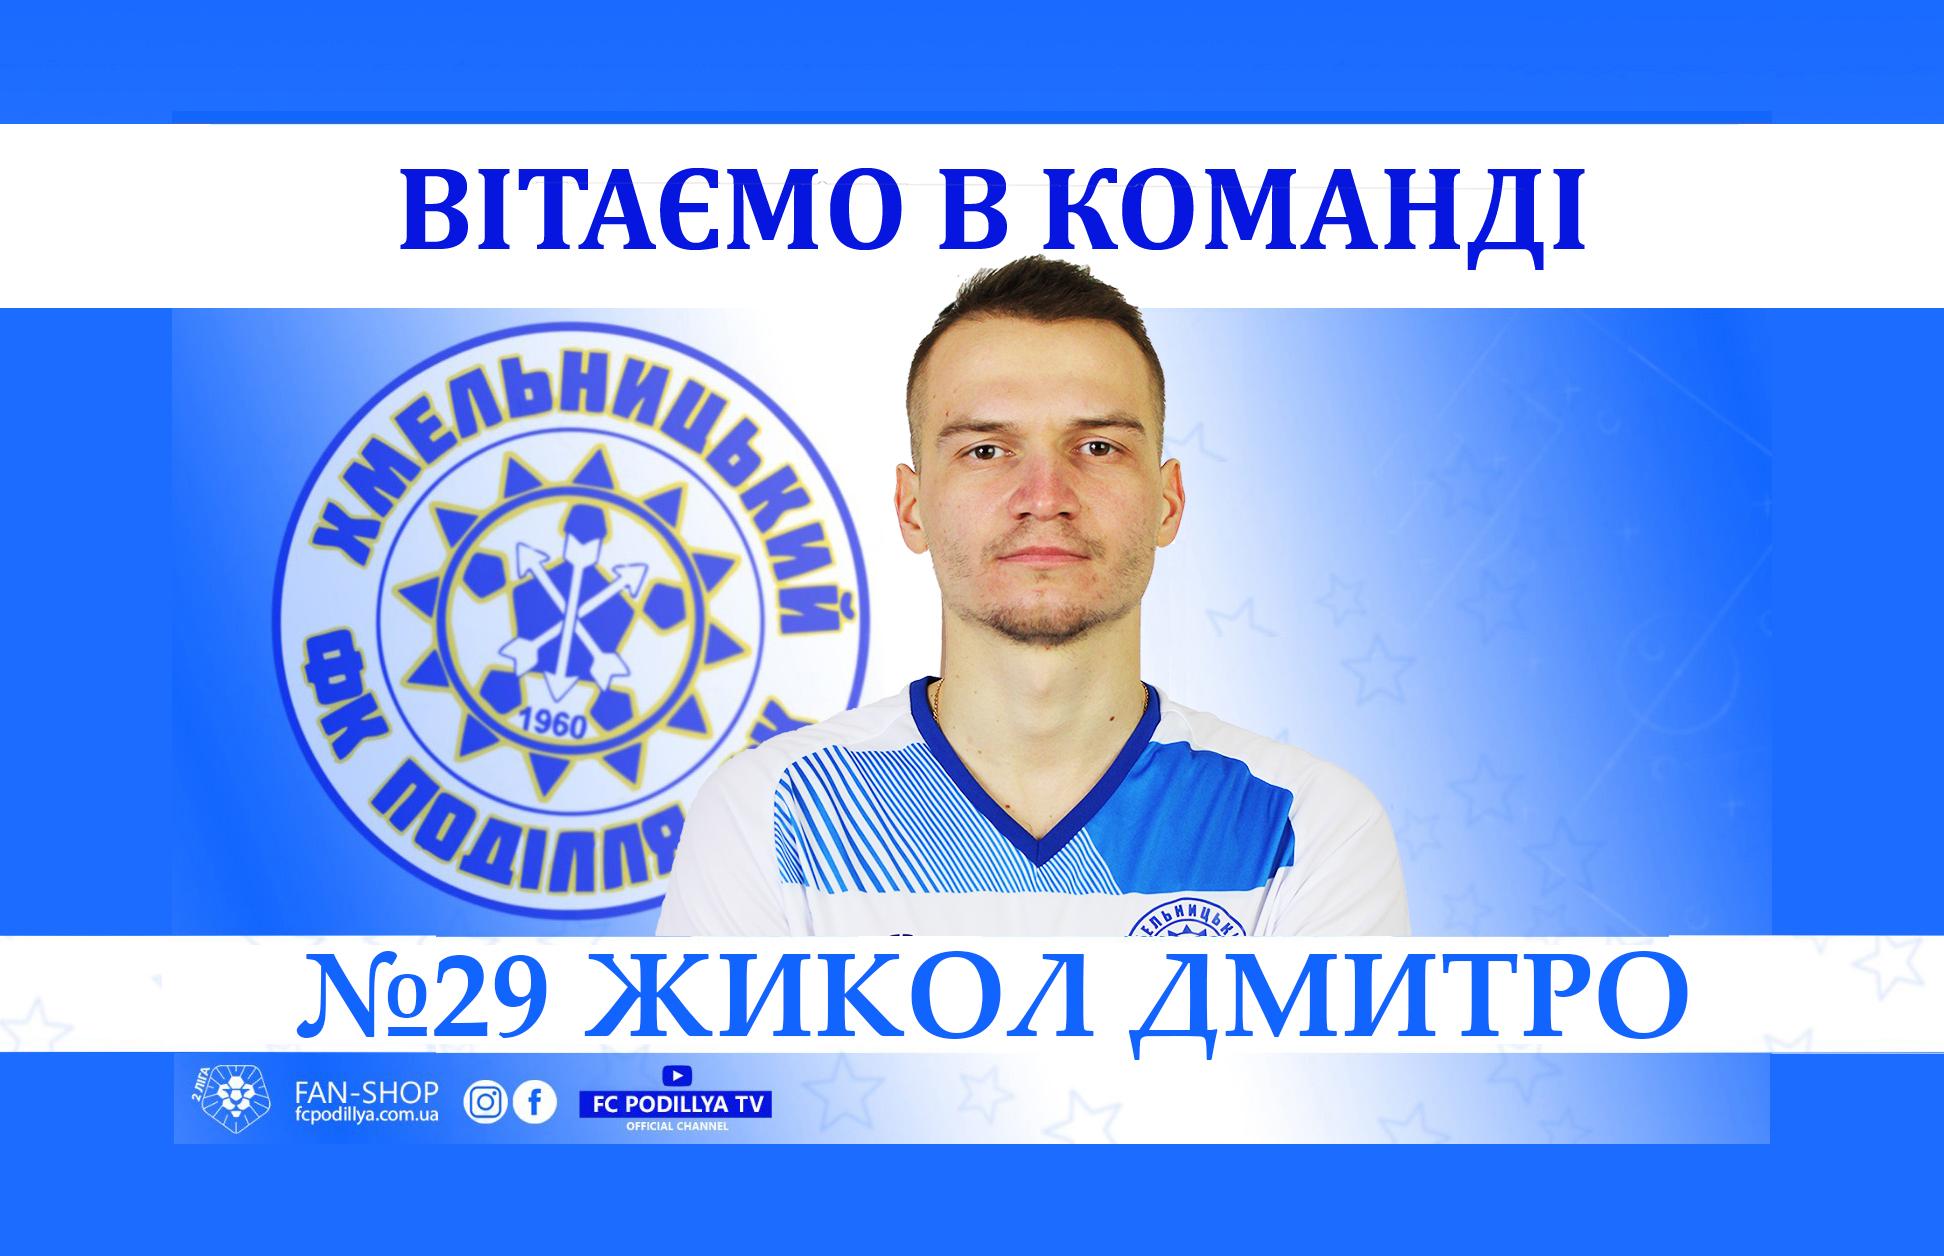 Дмитрий Жикол